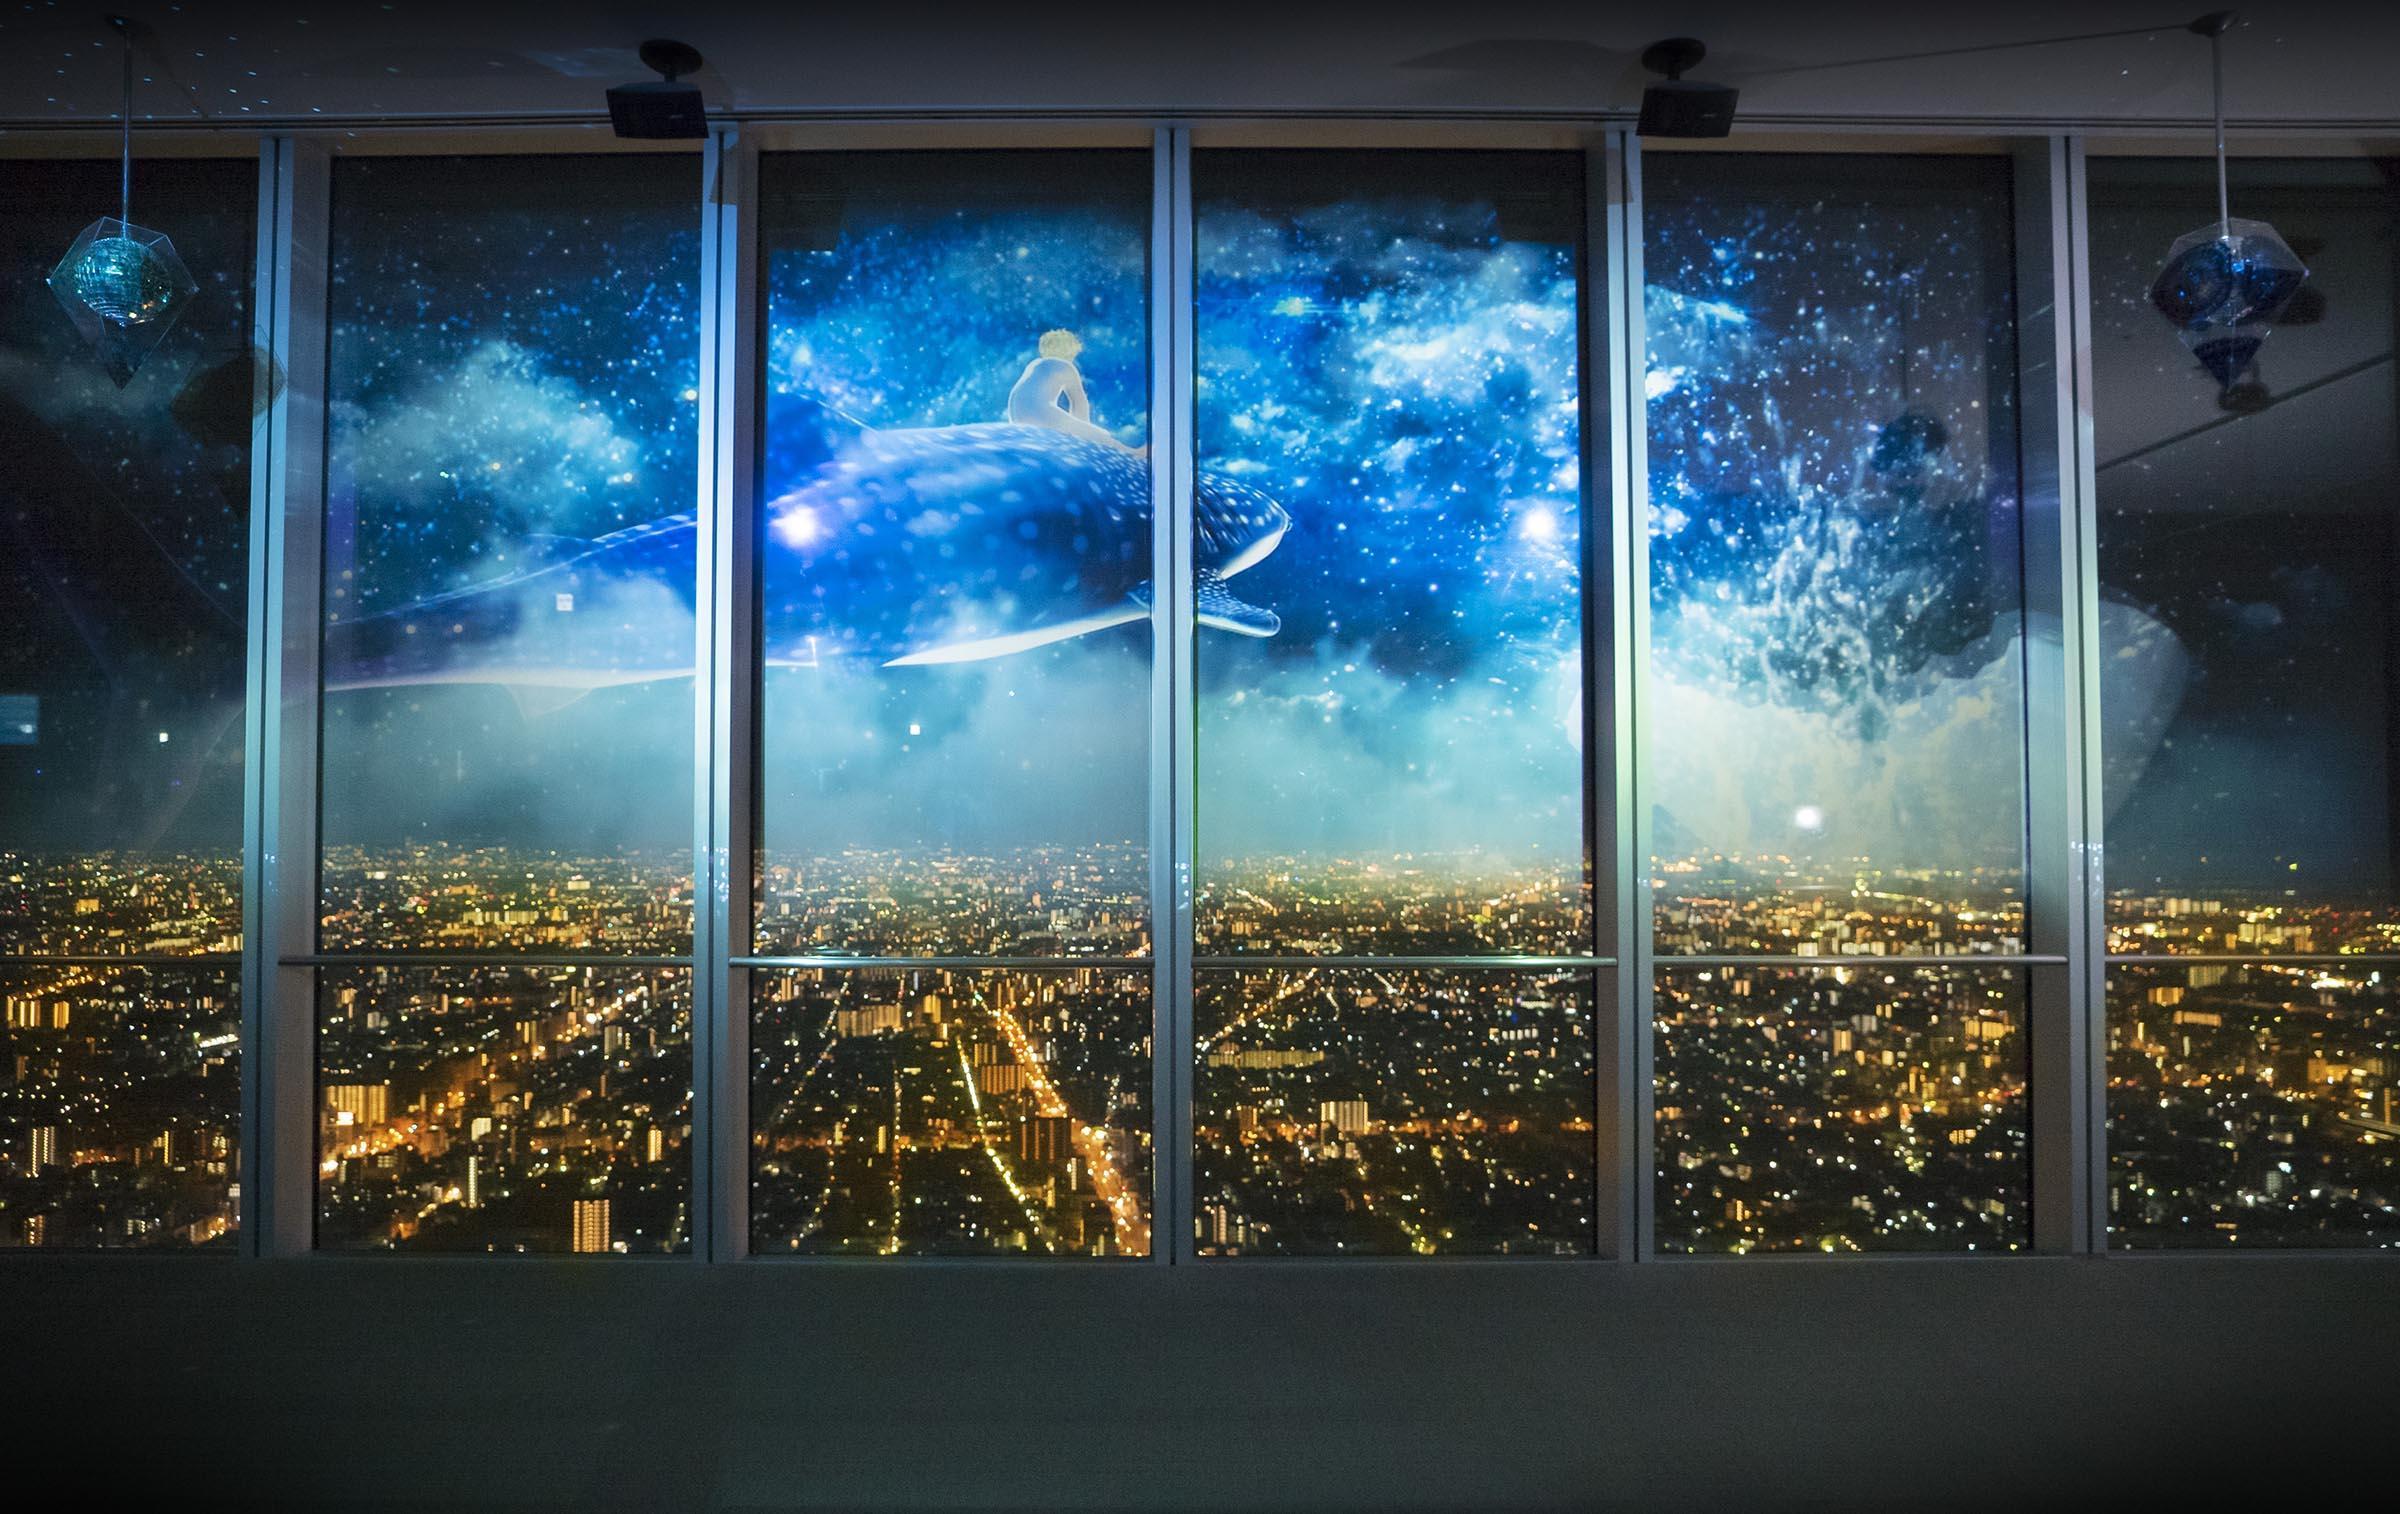 あべのハルカス ハルカス300展望台「CITY LIGHT FANTASIA BY NAKED –Anniversary–」